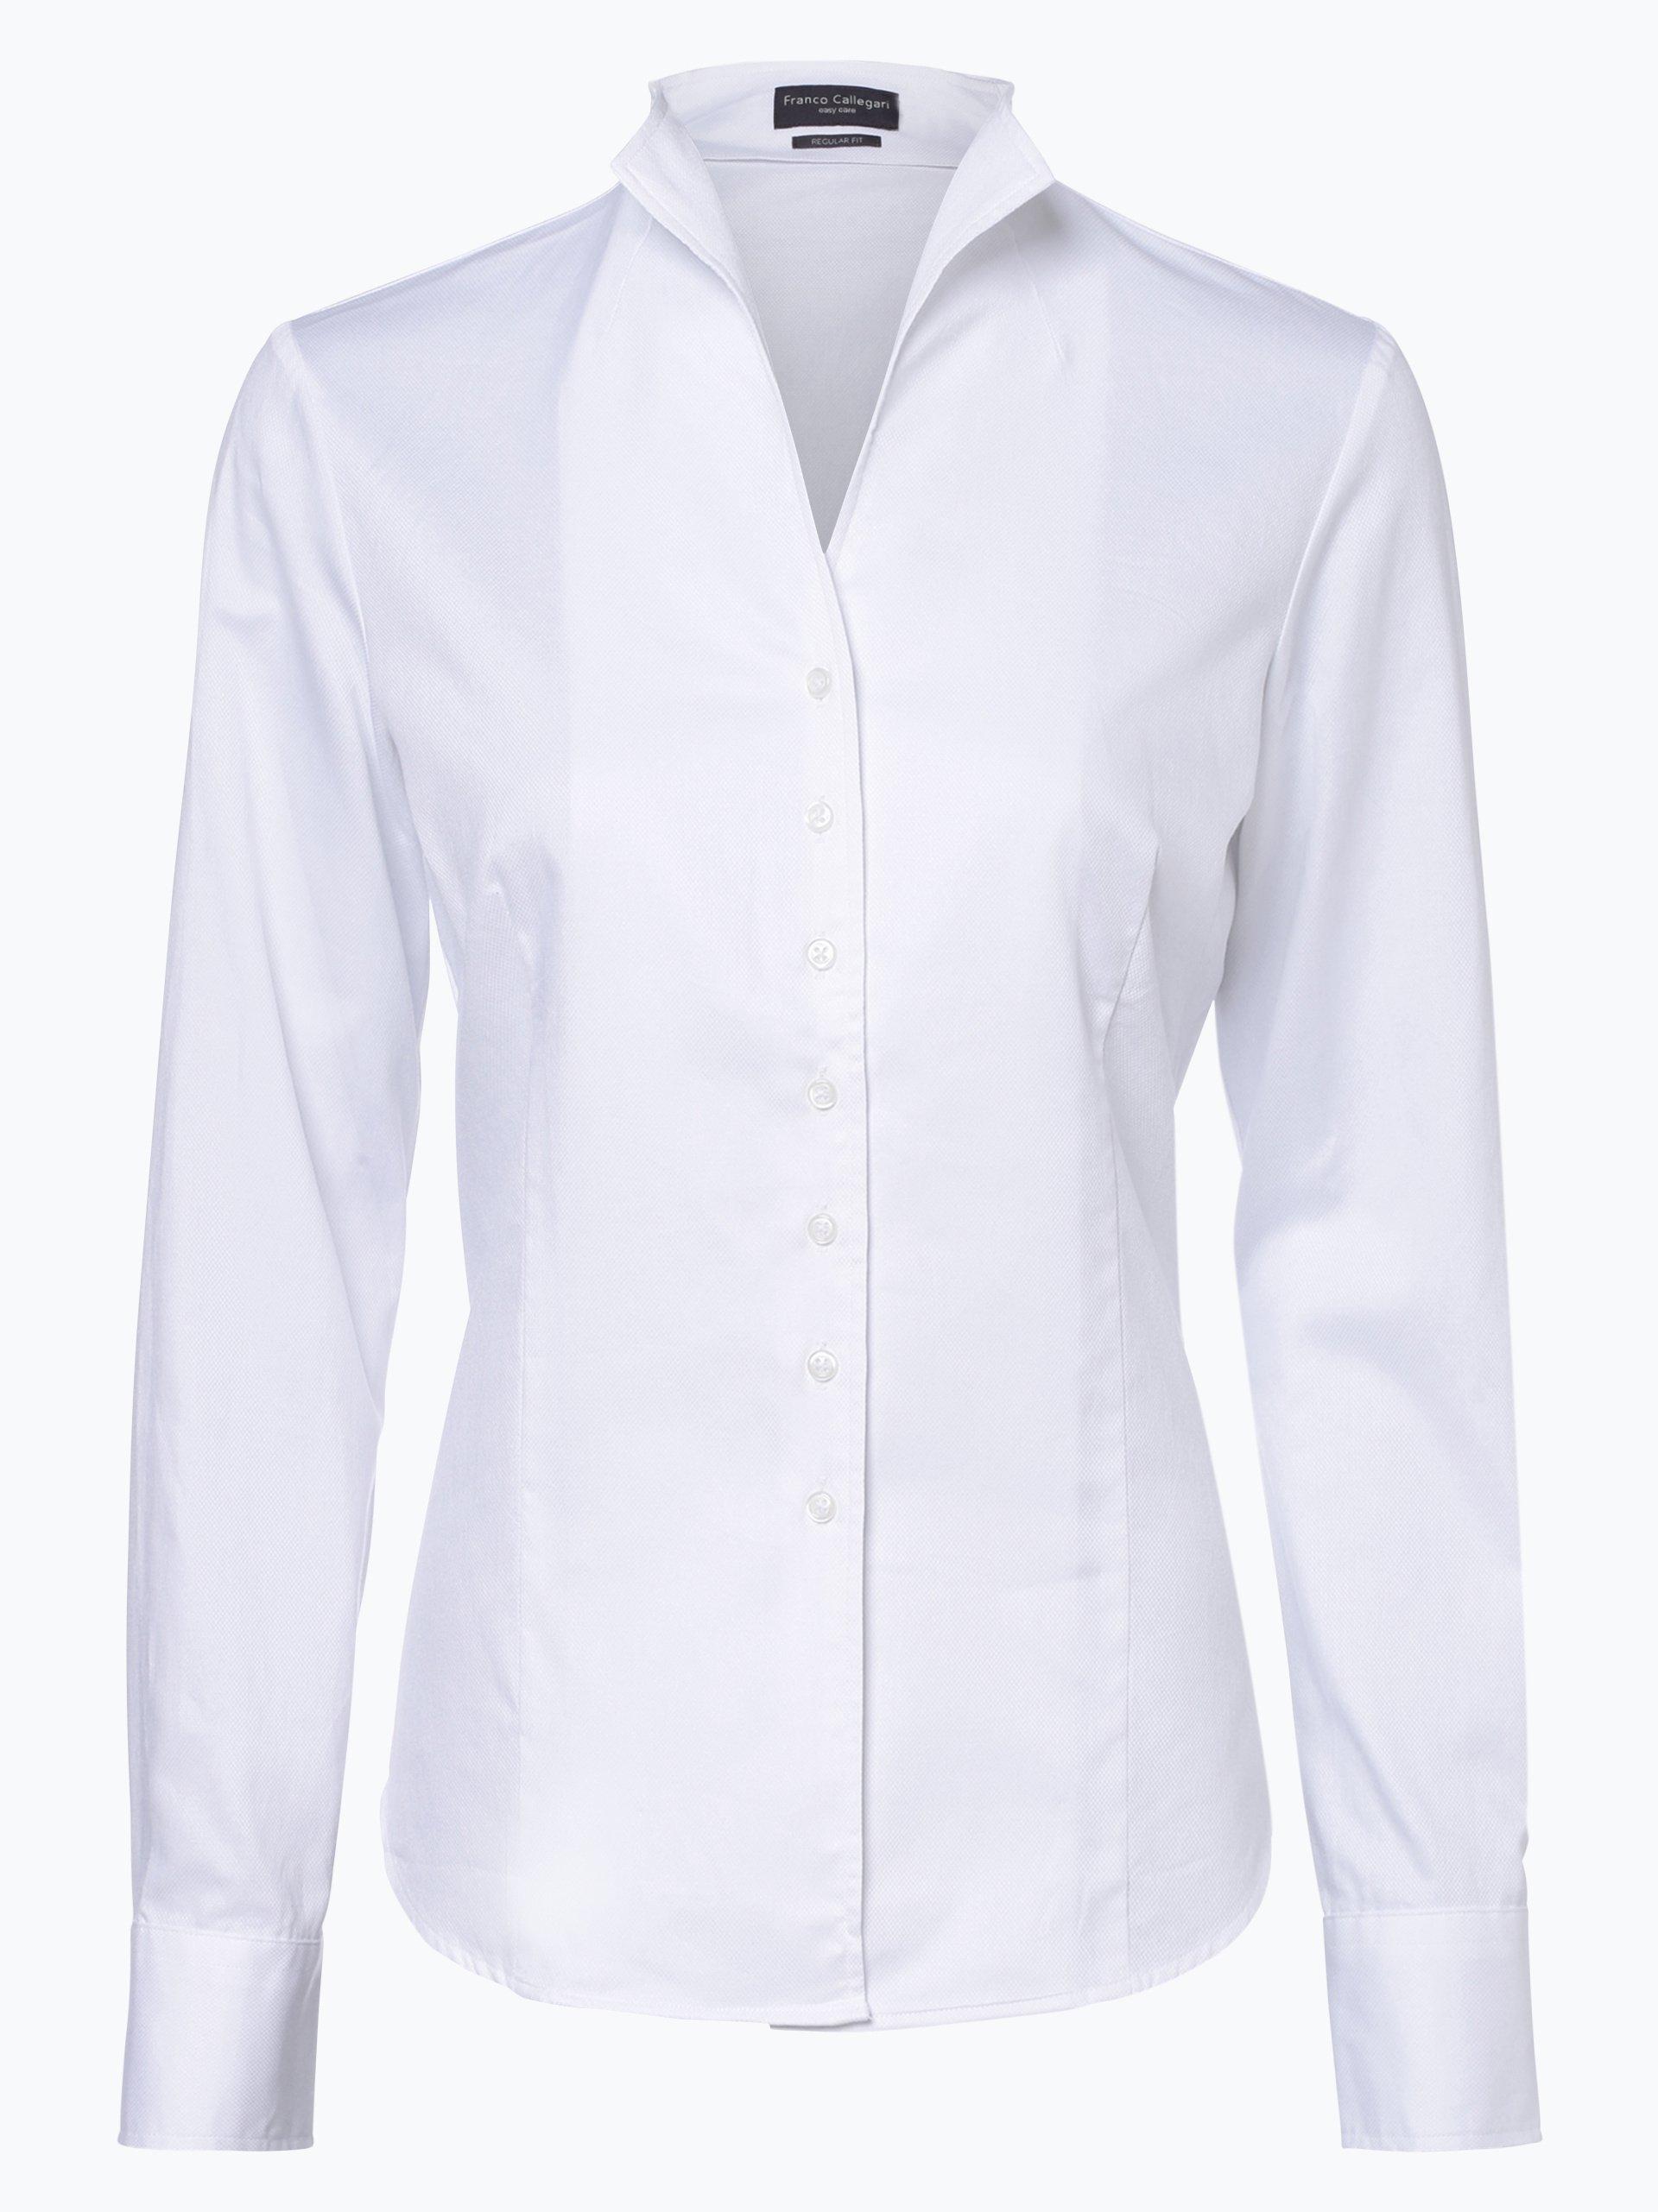 Franco Callegari Damen Bluse - Bügelleicht